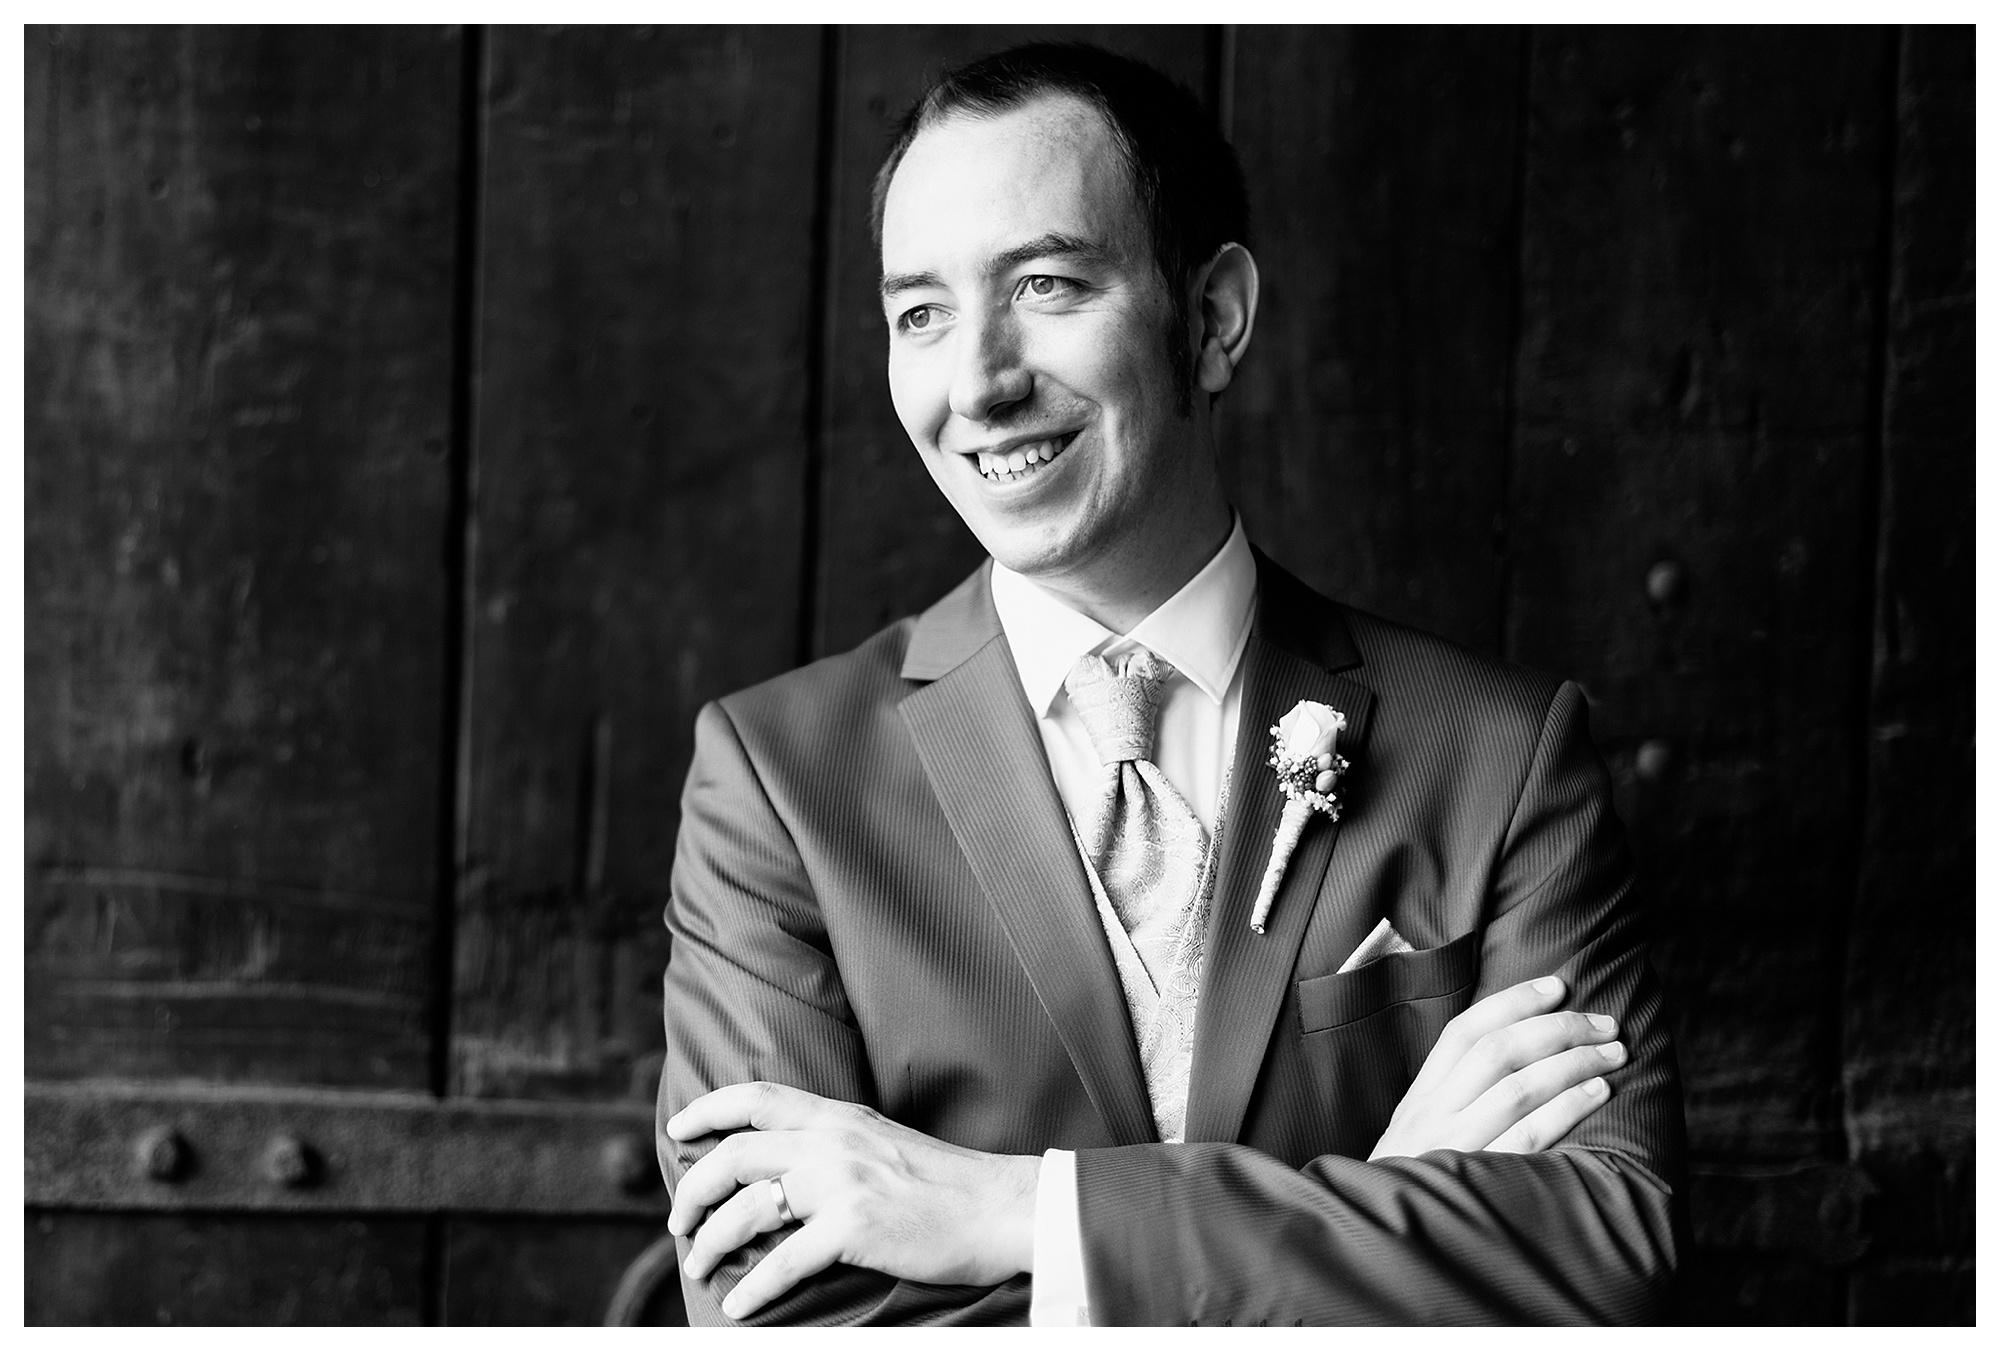 Fotograf Konstanz - Best of 2014 Elmar Feuerbacher Photography Hochzeit Portrait 036 - Rückblick auf 2014  - 32 -